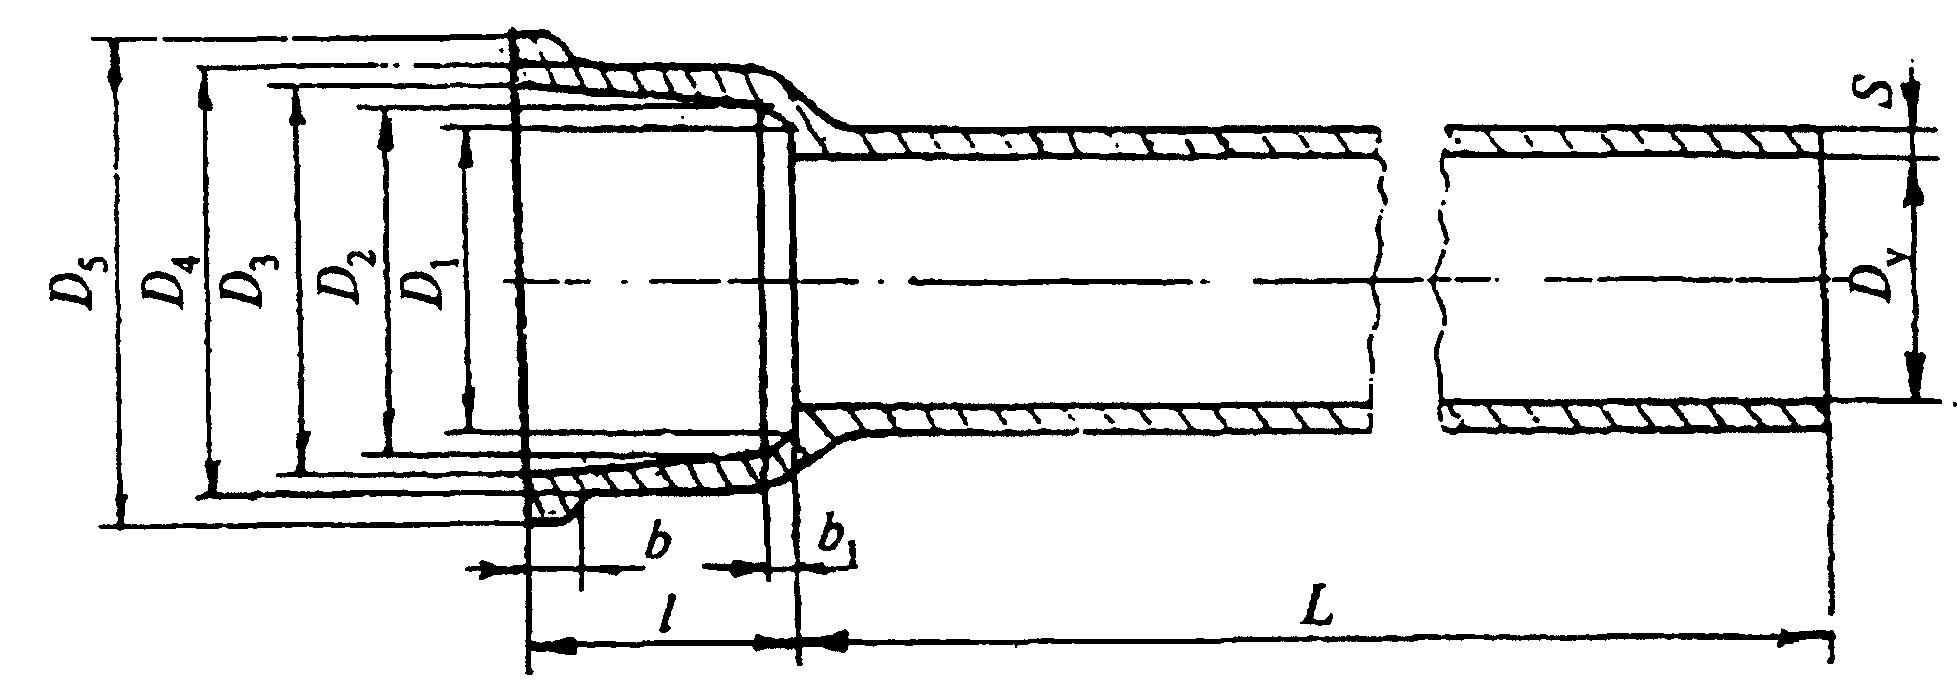 Фасонные чугунные соединительные части к чугунным напорным трубам наружным диаметром 50 100 мм